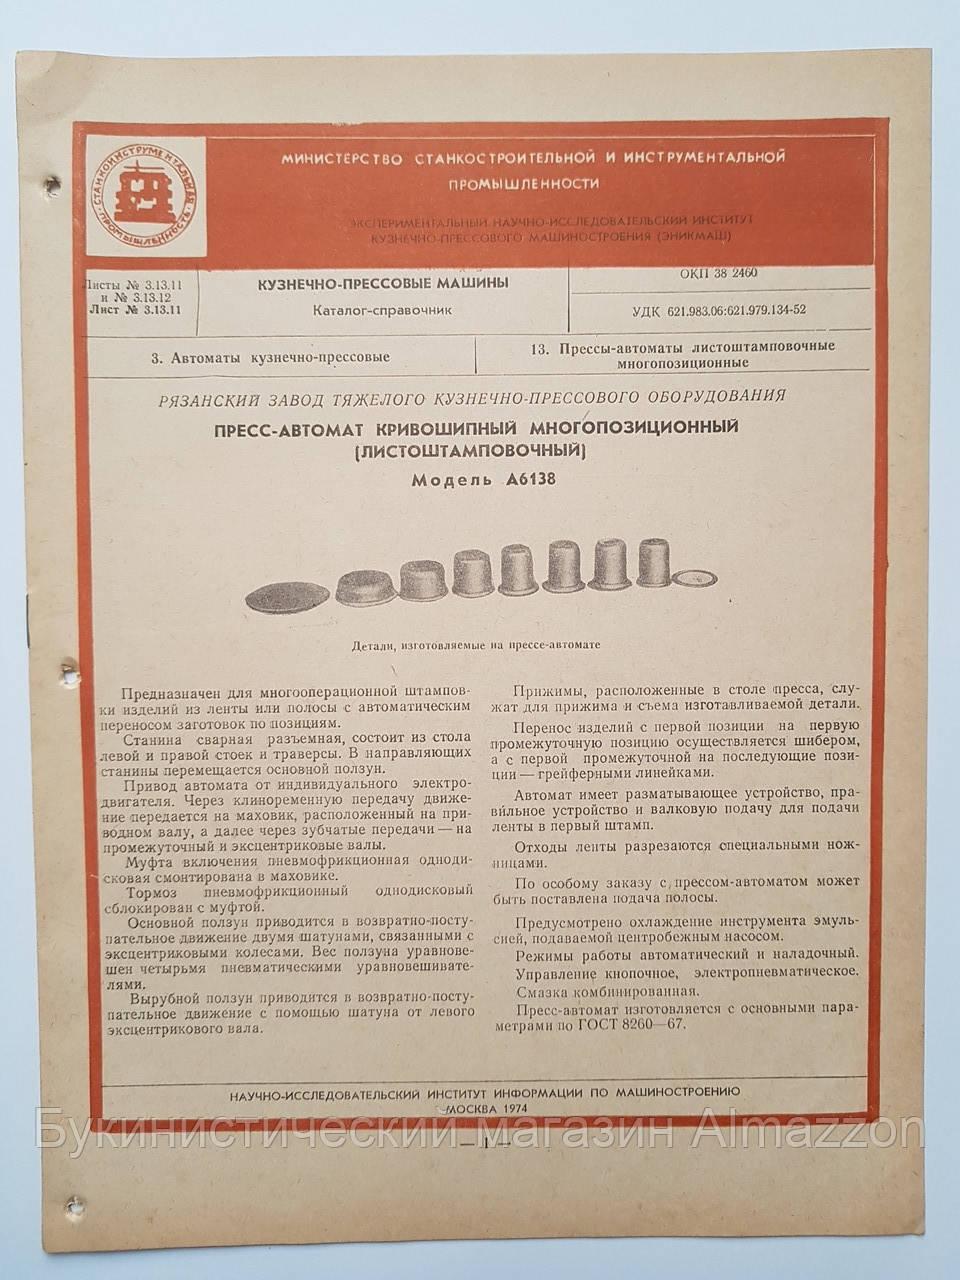 Журнал (Бюллетень) Пресс-автомат кривошипный многопозиционный А6138, А6140  3.13.11, 3.13.12